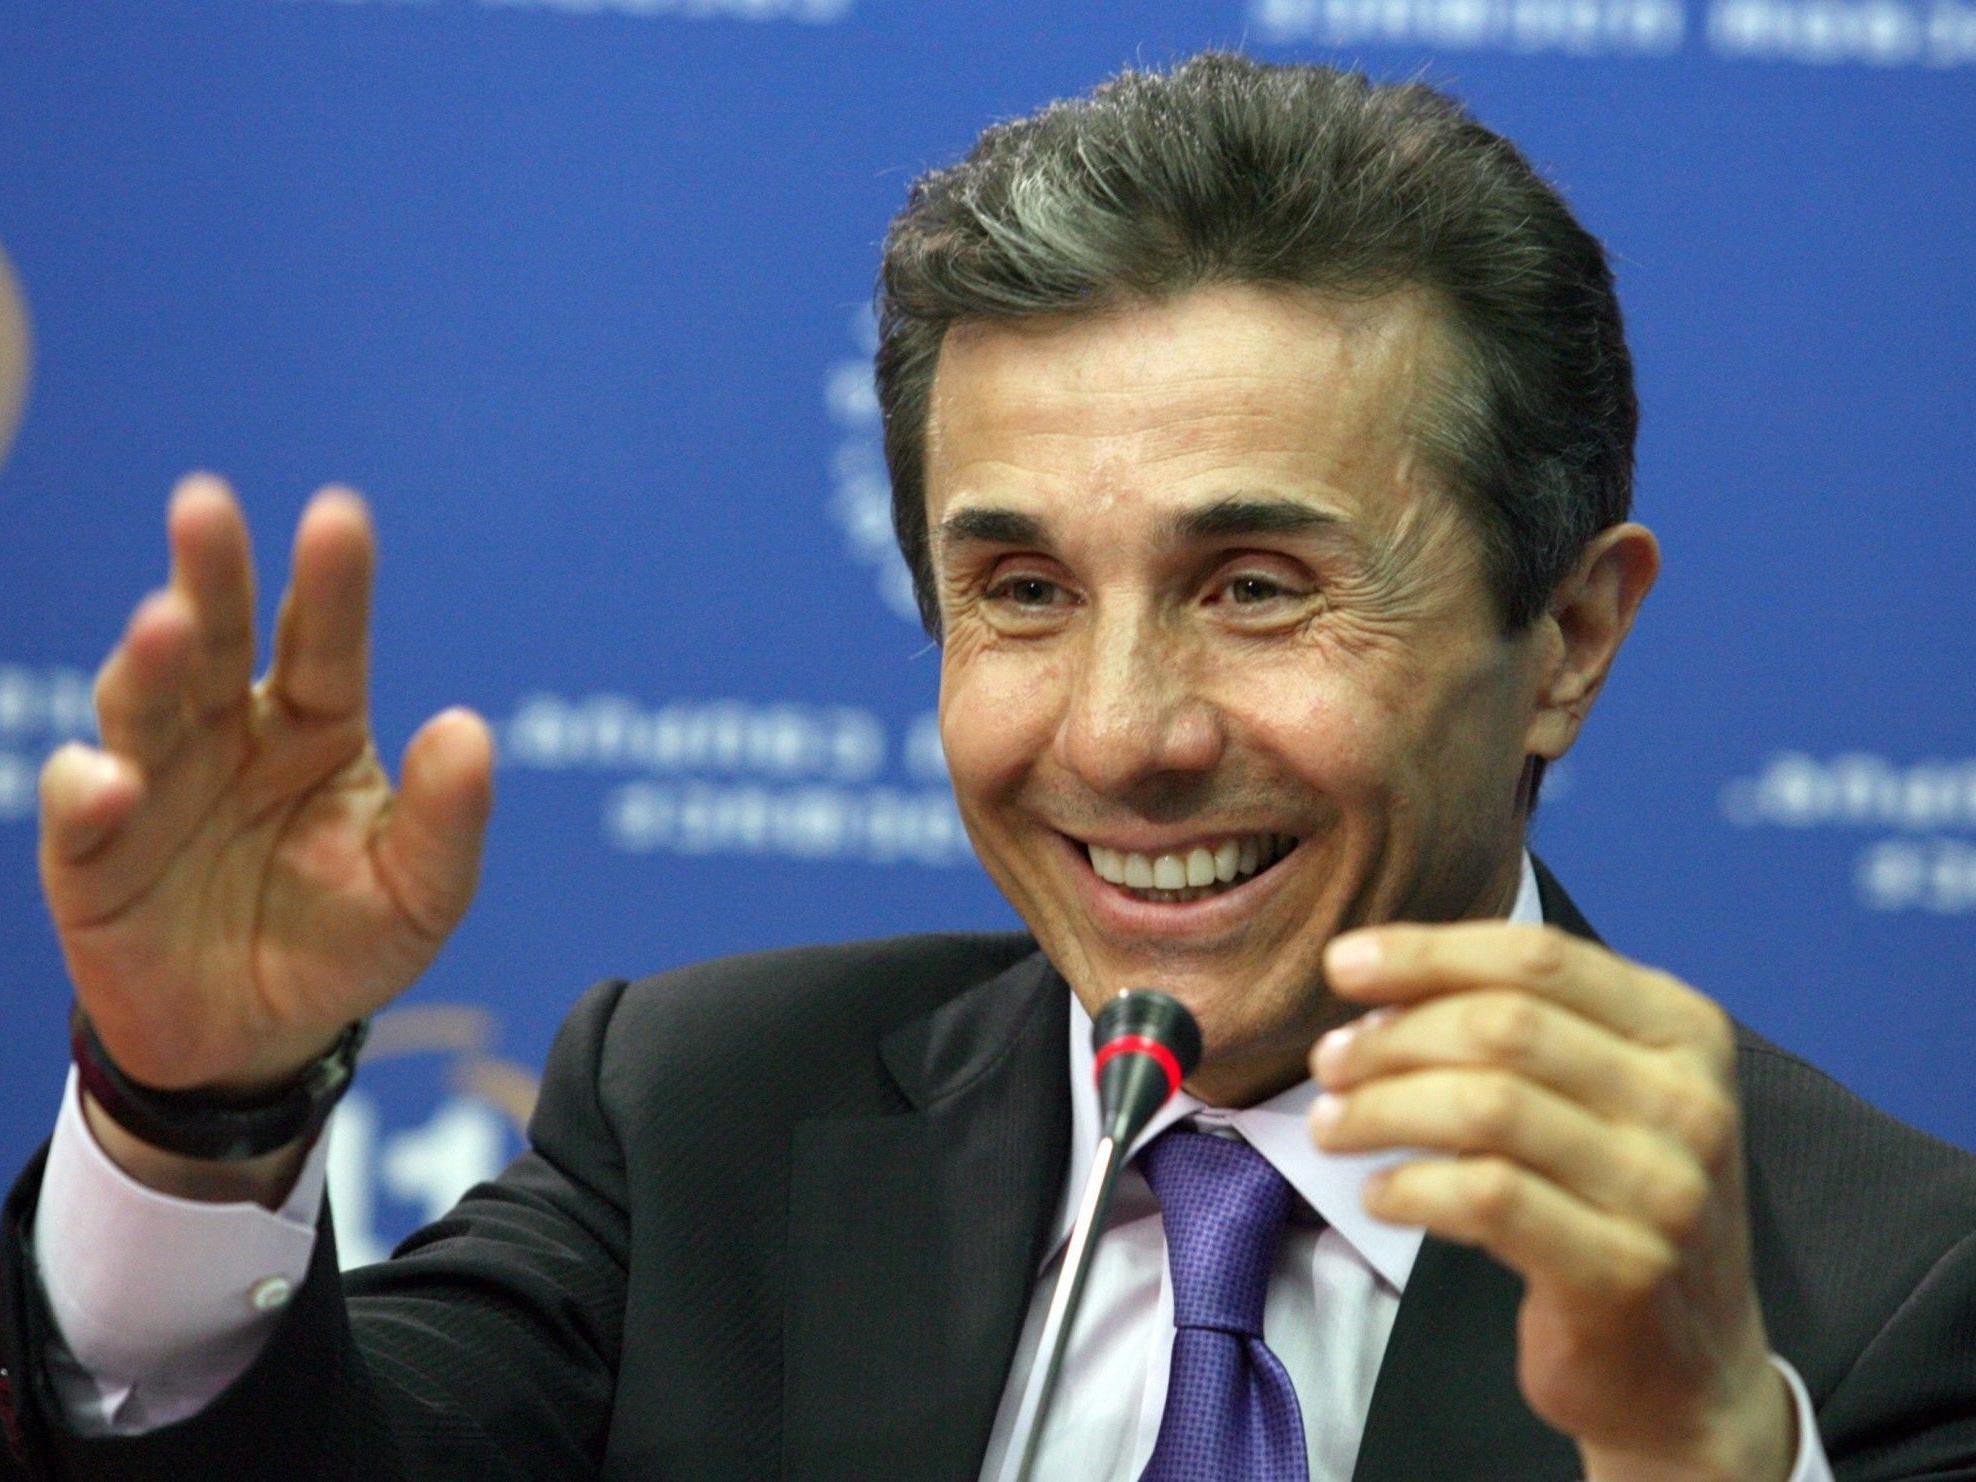 Wahlsieger der Georgischen Parlamentswahlen: Milliardär Iwanischwili.